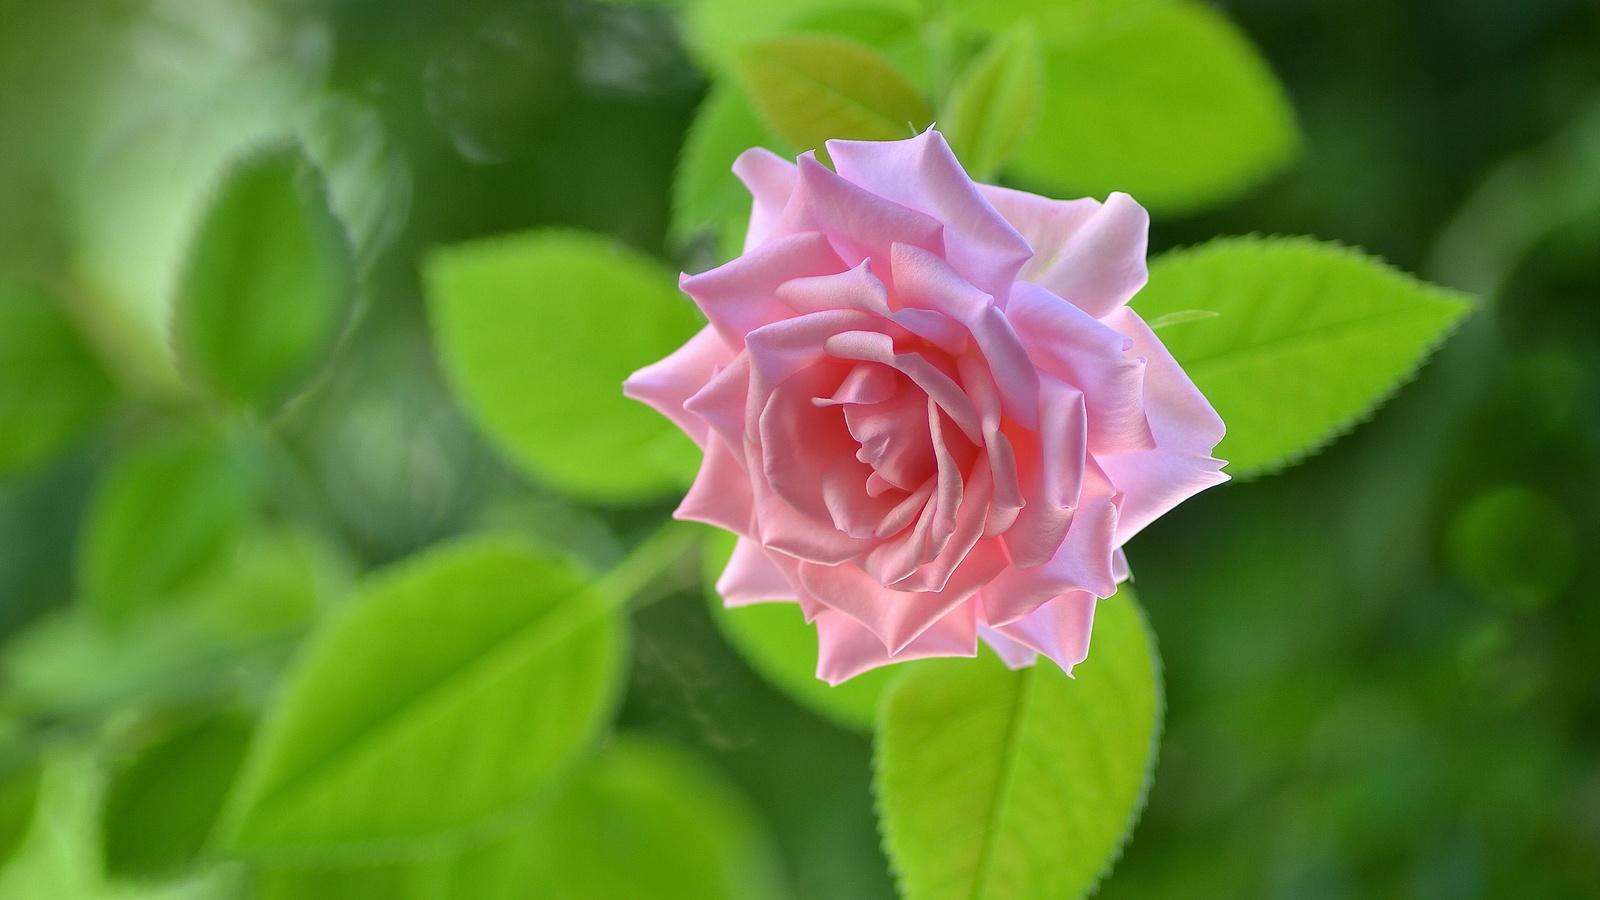 rose, bud, macro